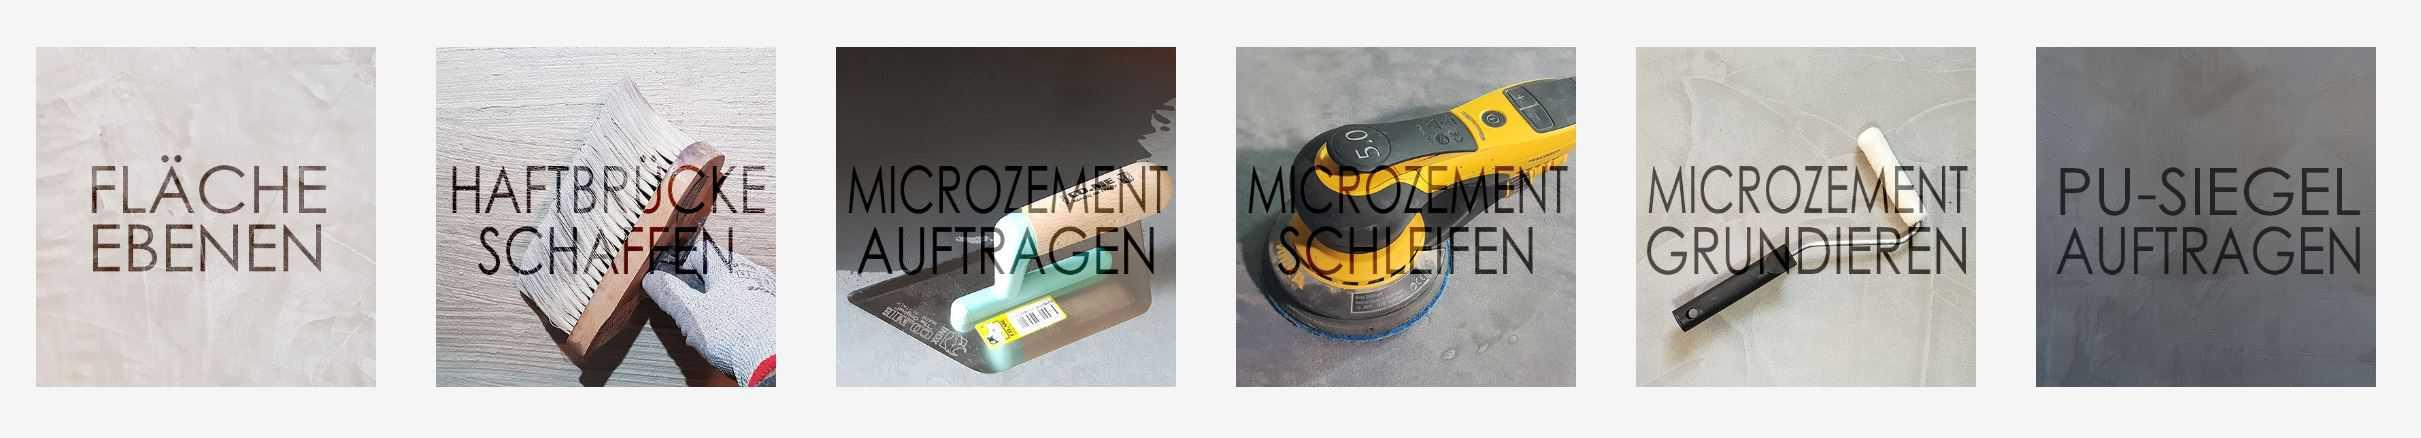 Mikrozement verarbeieten